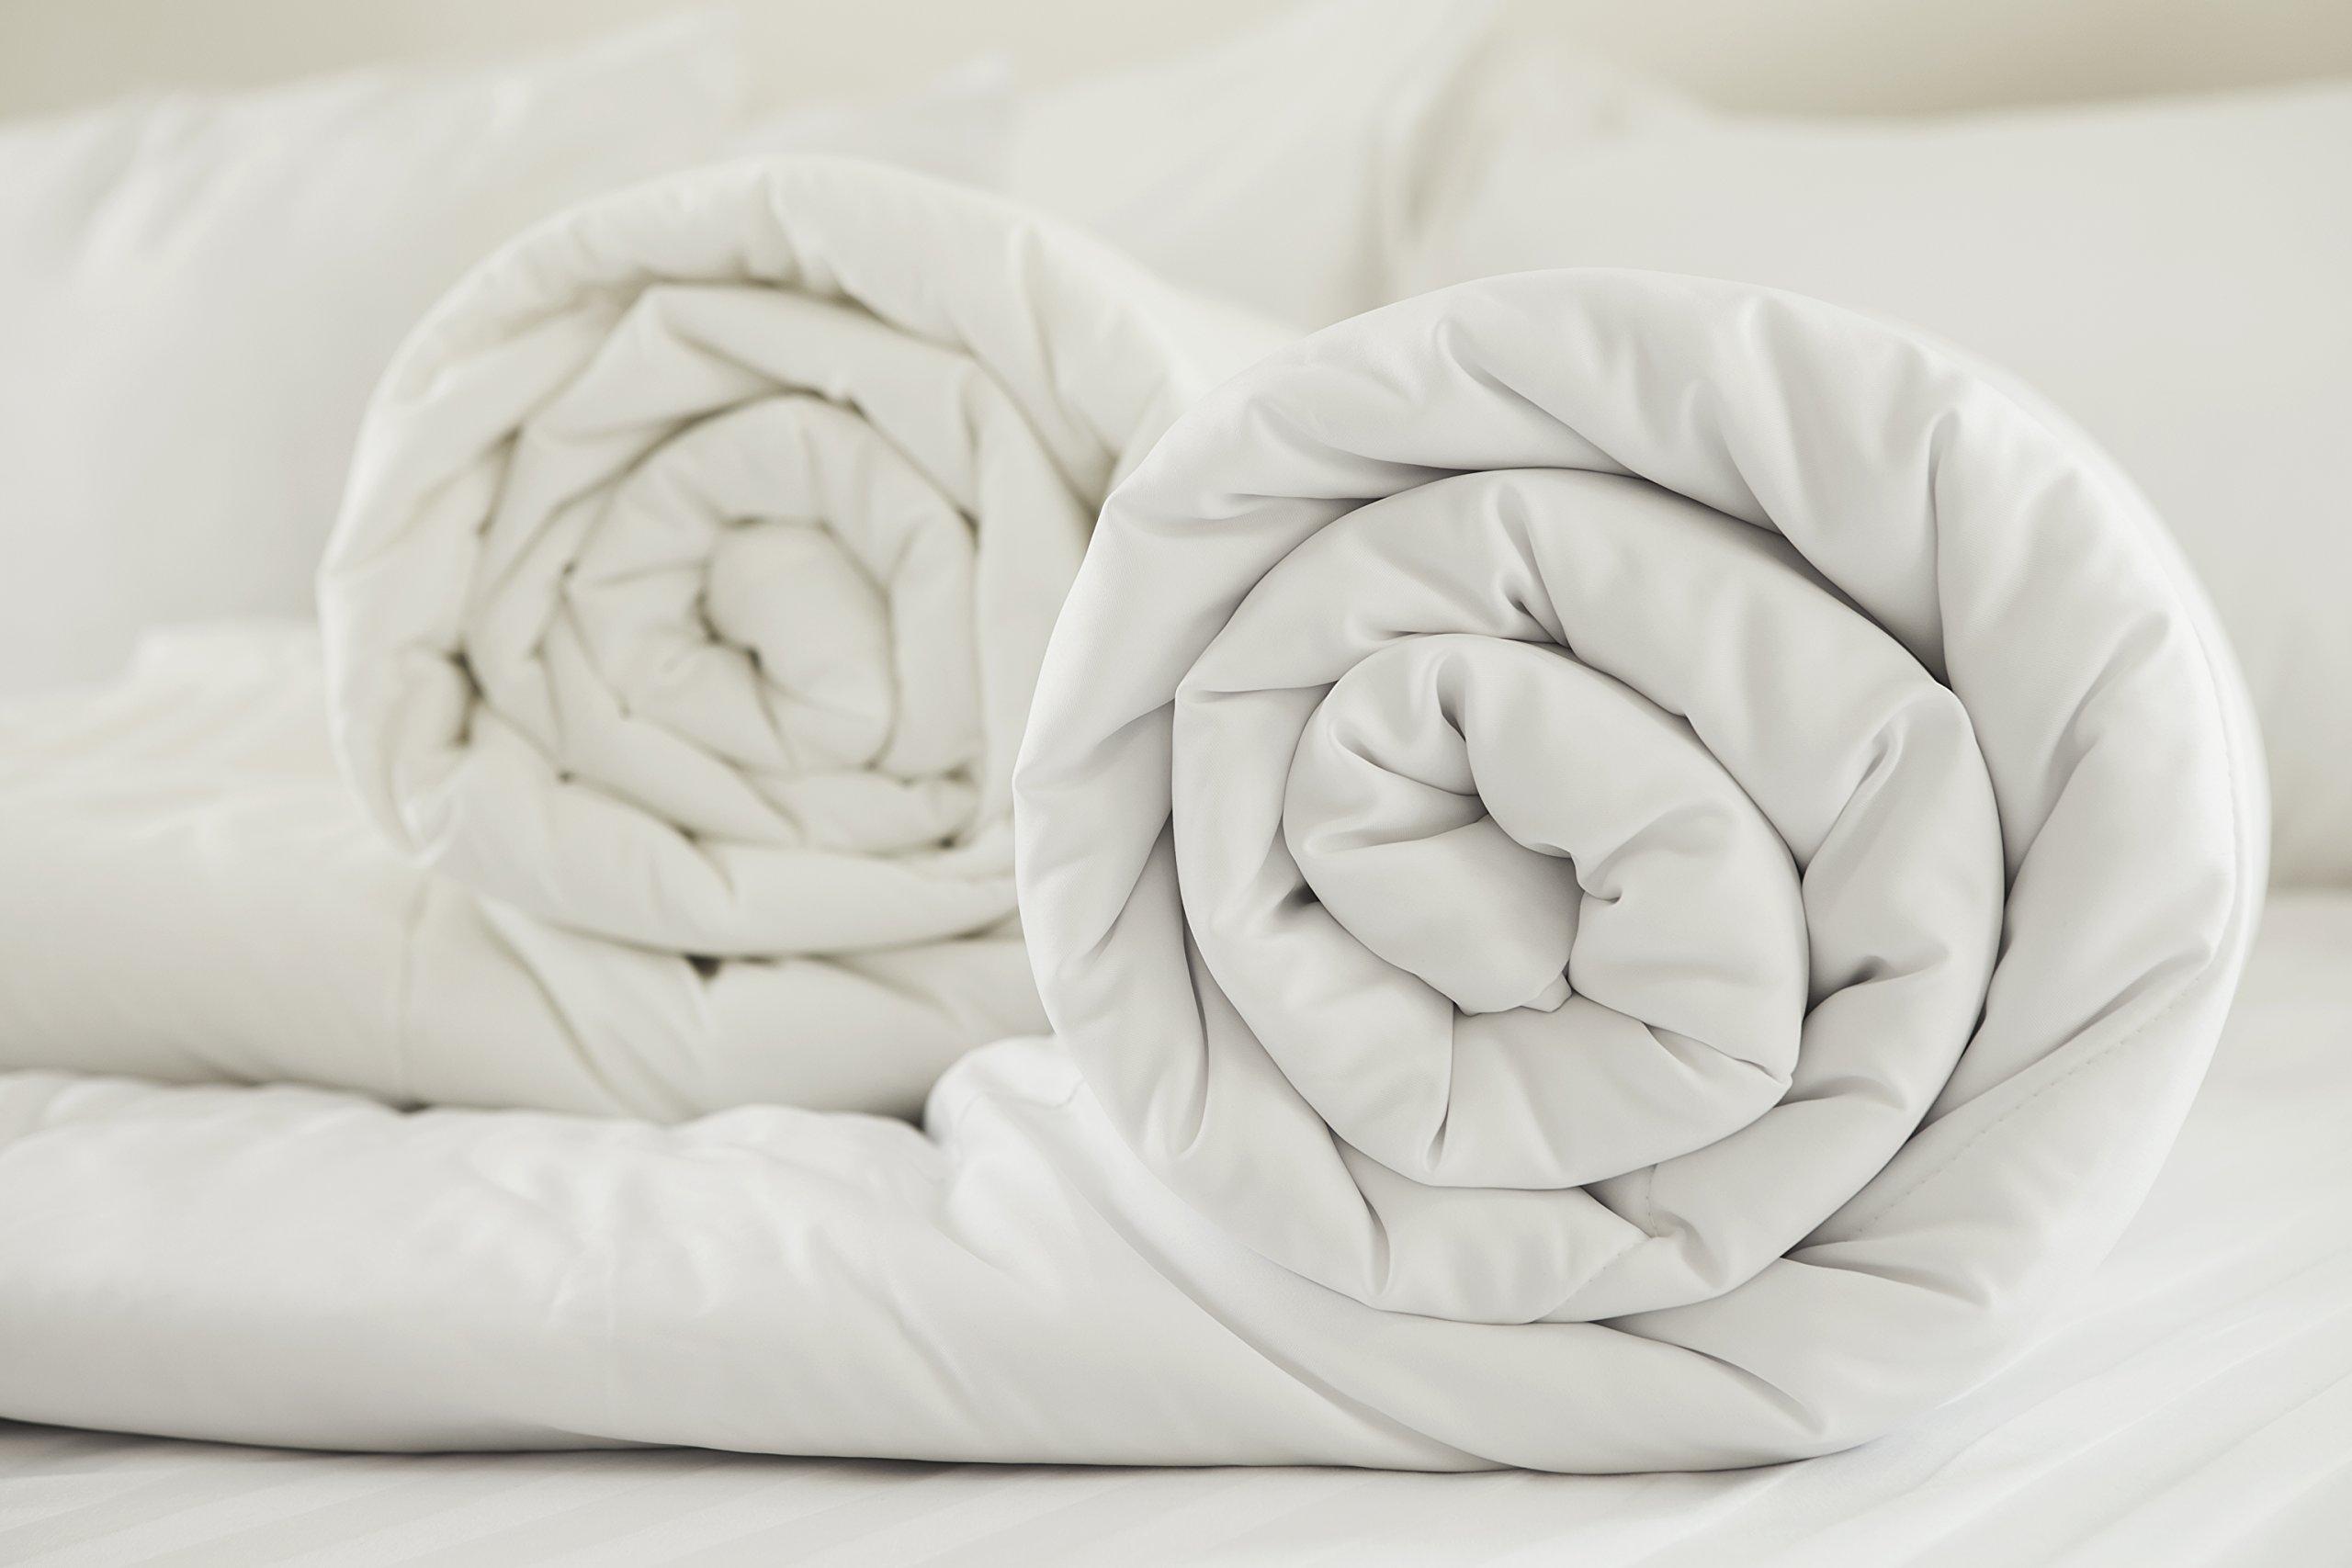 Nórdico de Rohi, de algodón sintético, hipoalergénico y supersuave, todos los tamaños, incluye un par de almohadas de regalo, Blanco, suelto: Amazon.es: Hogar